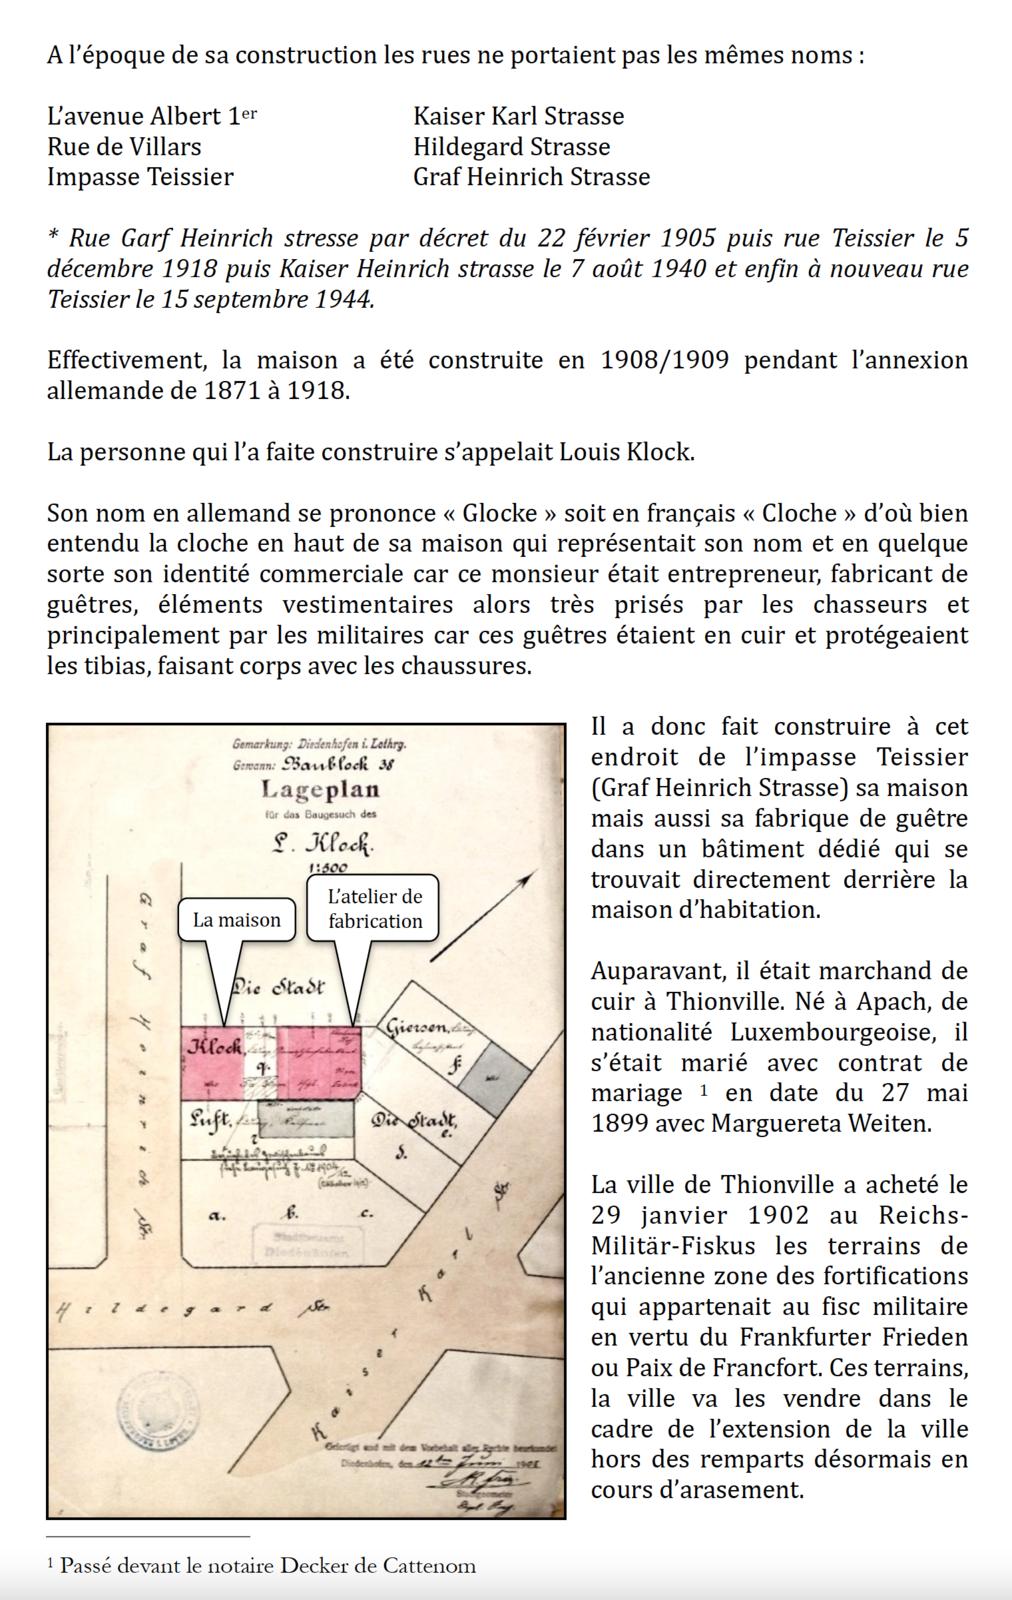 """1908/1910 - Deux maisons """"remarquables"""" à Thionville"""